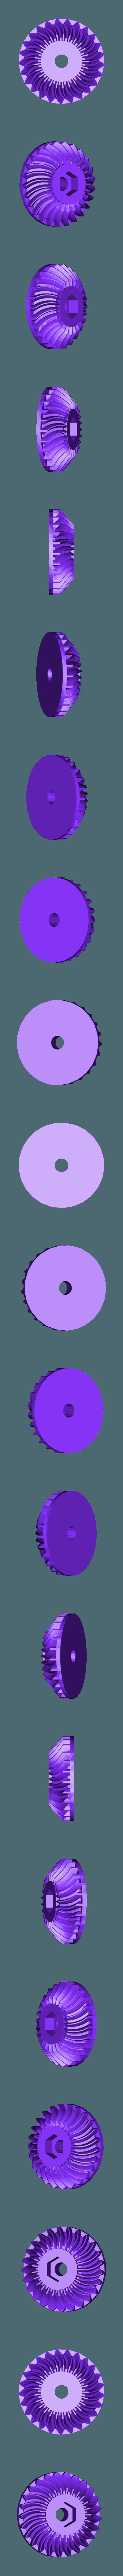 spiral_bevel_gear_R.stl Télécharger fichier STL gratuit Réducteur à angle droit Nema 17 avec engrenages coniques à denture hélicoïdale • Modèle pour imprimante 3D, dasaki